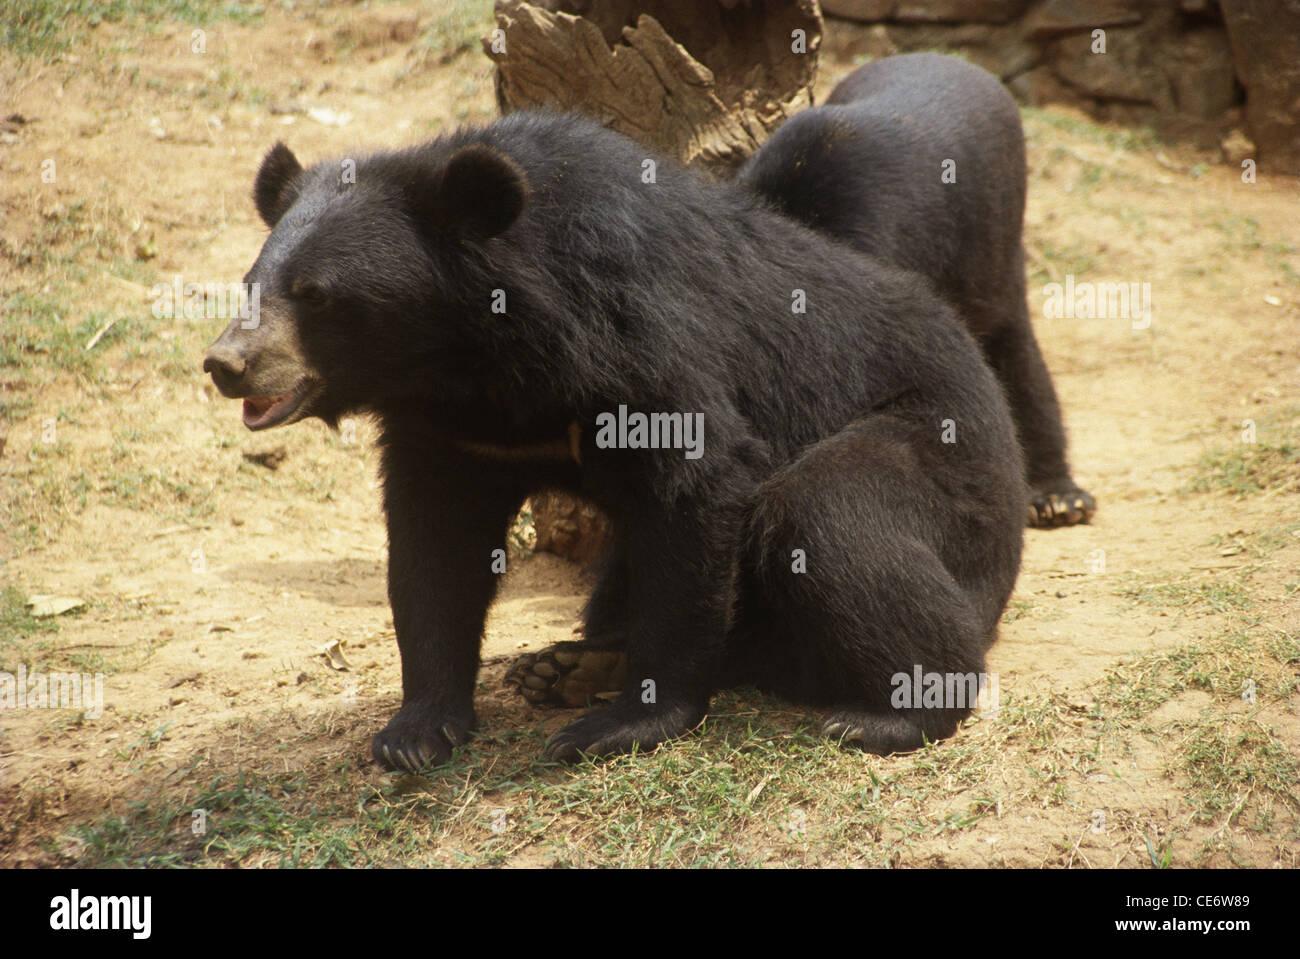 VIT 83212 : himalayan black bear ; india - Stock Image